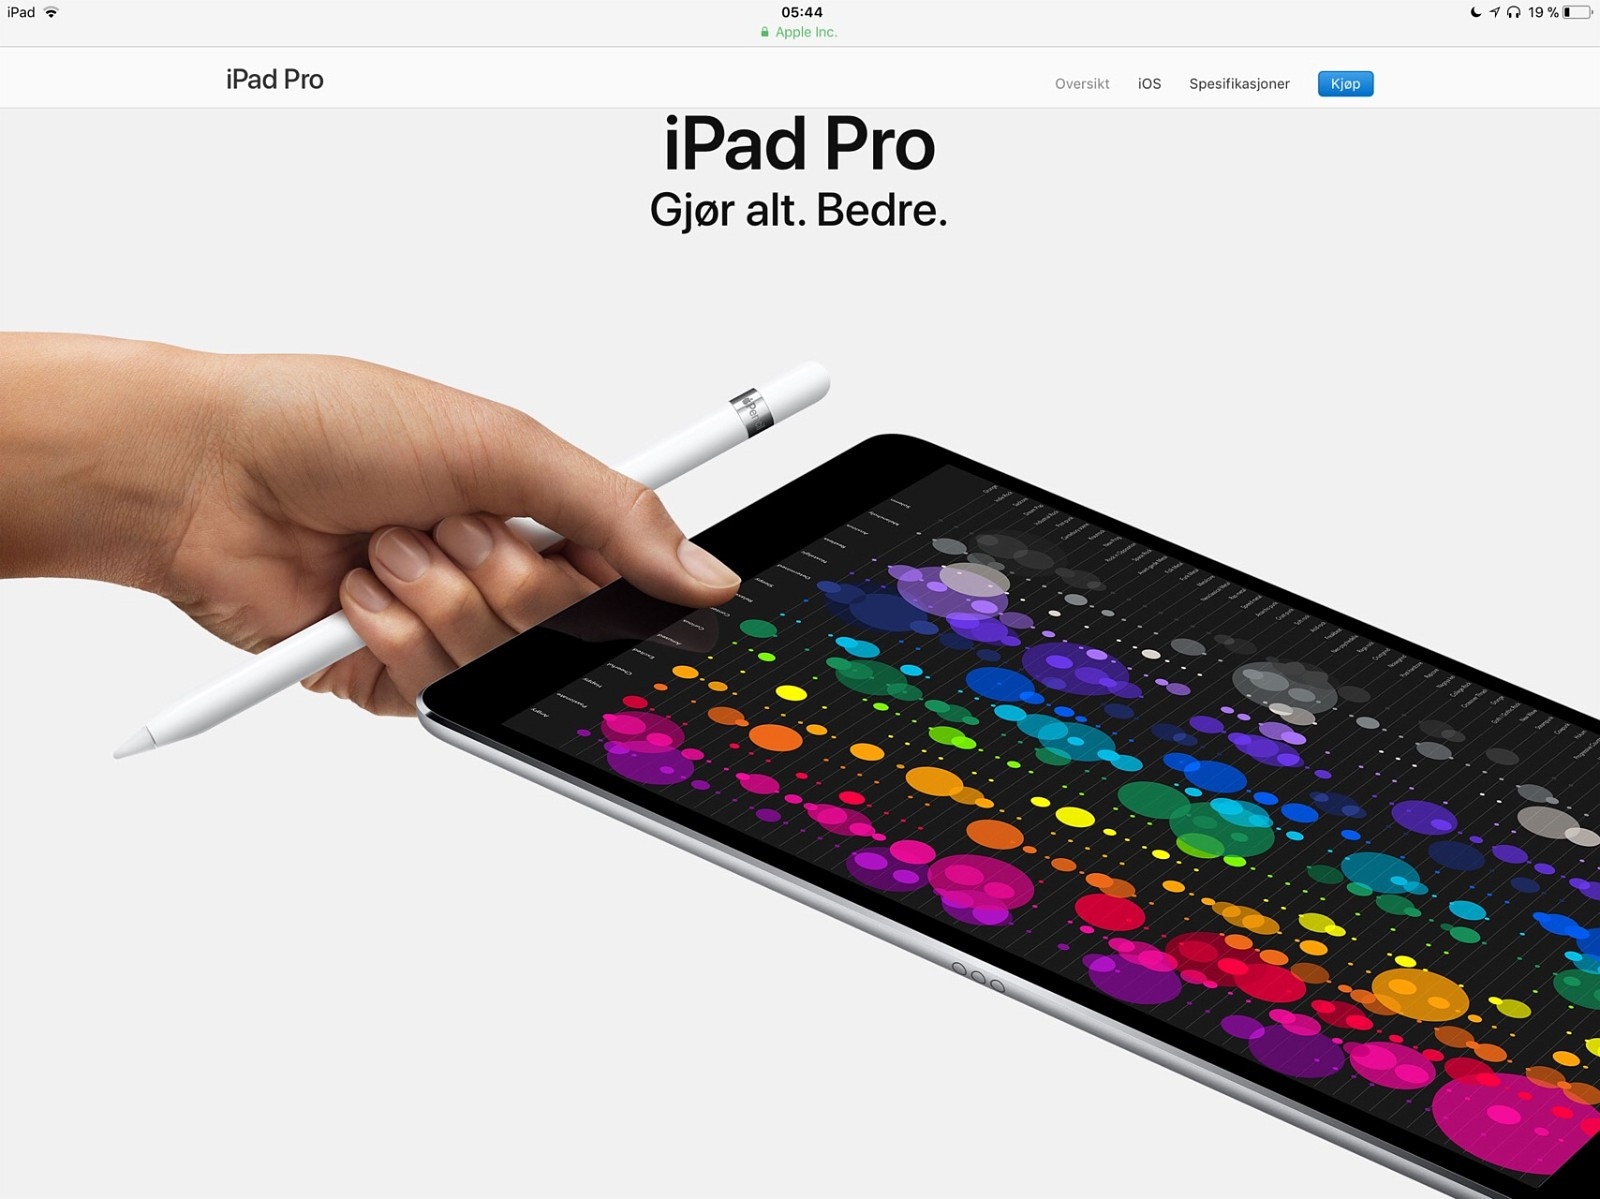 iPad - Stord  - iPad pro 12,9. 256 GB WI FI og cellular (mulighet for sim kort)  Fin og i daglig bruk, men byttes ut for IPad 4 grunnet mye reise,  Har kun en synlig skramme på 1x0.2 mm ellers helt fin.  Ekstra utstyr er  original Penn, fanta - Stord